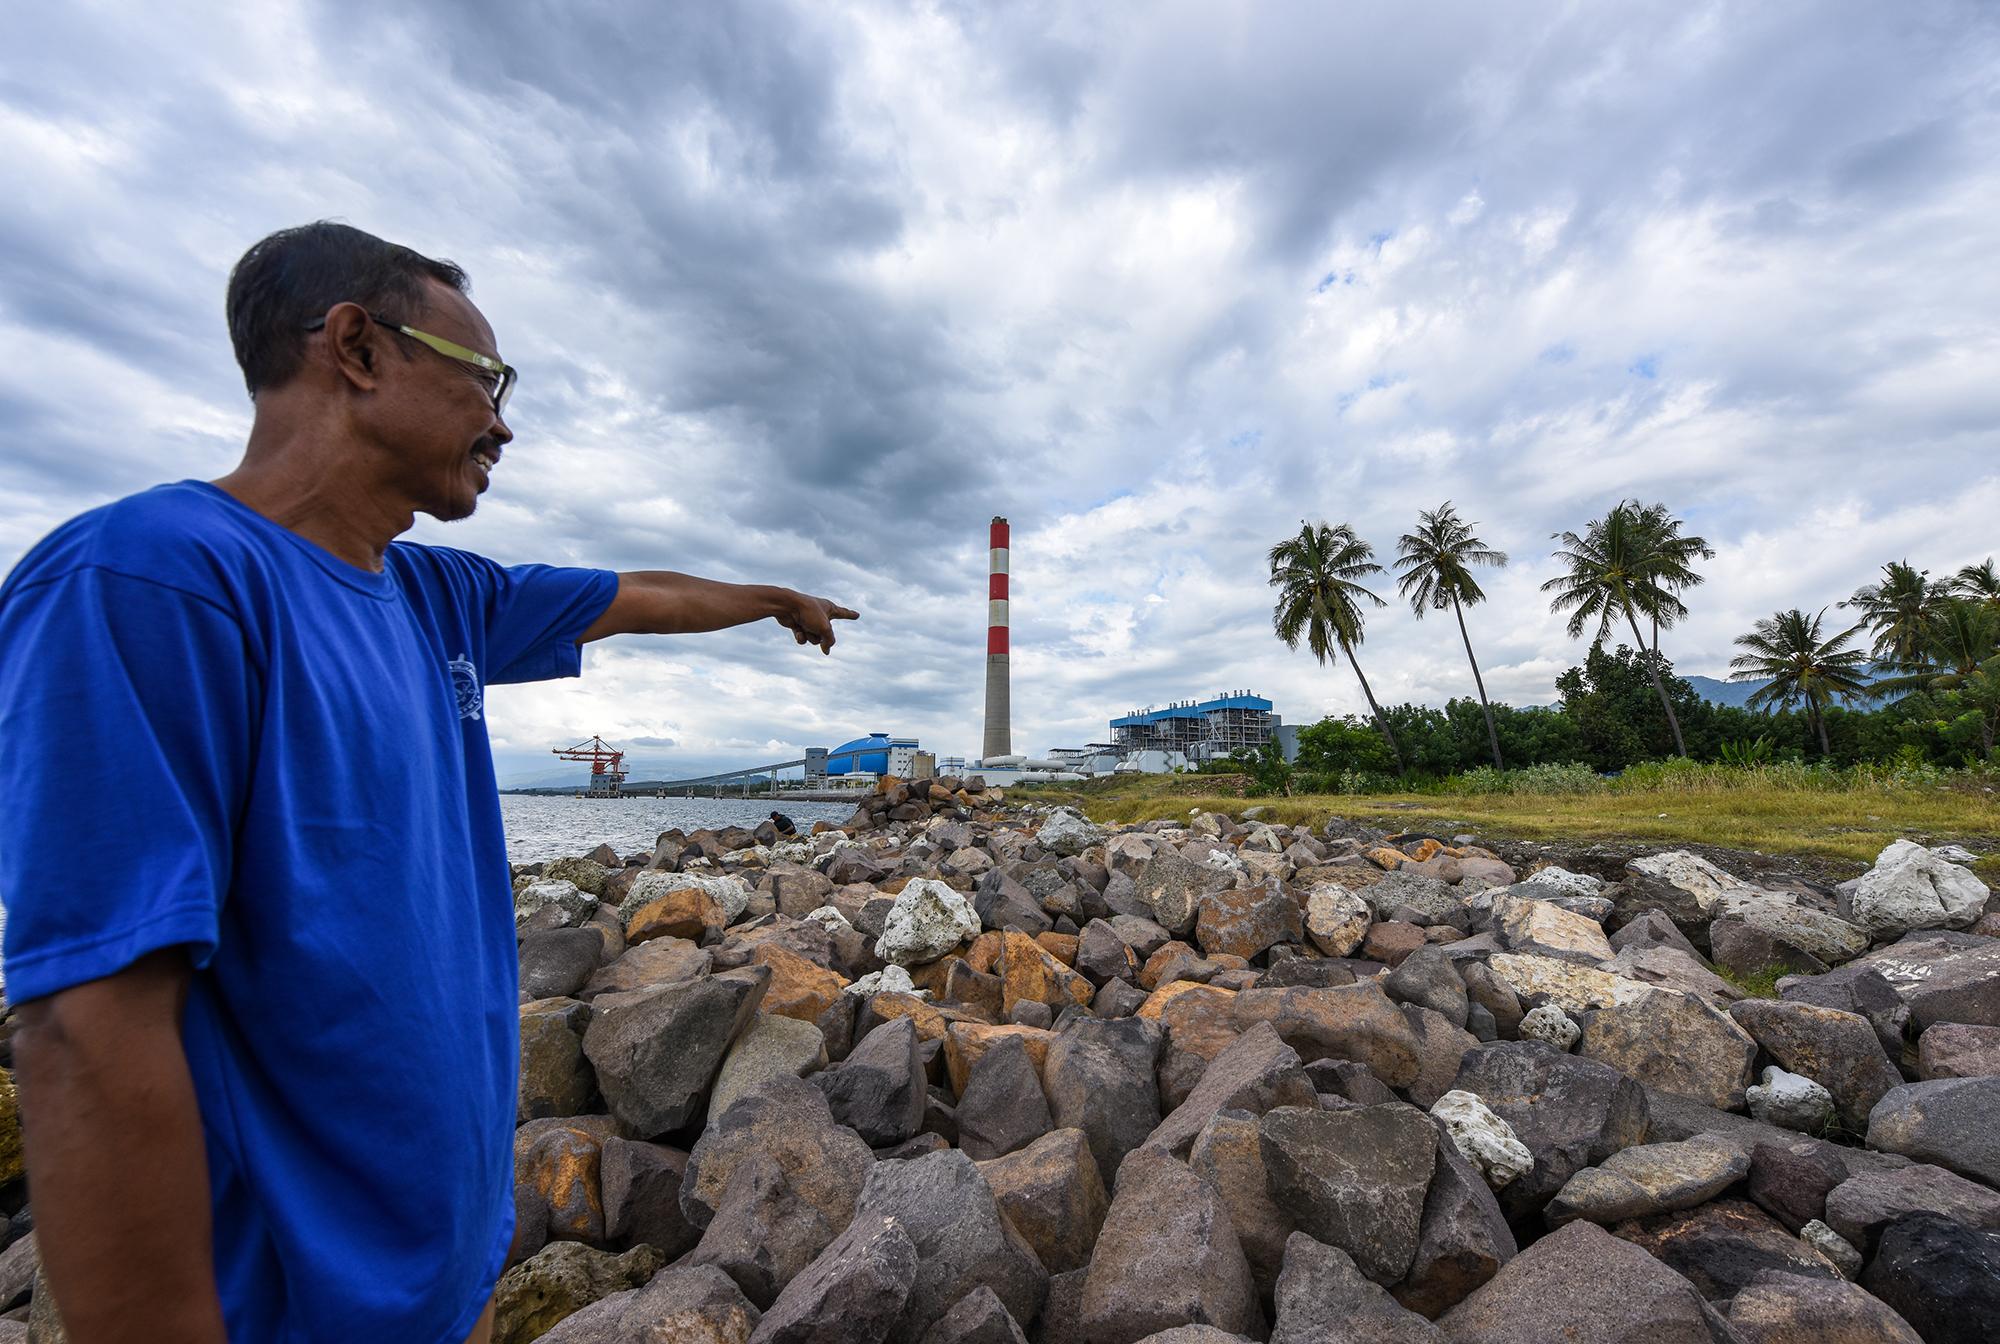 受电厂污染的影响,椰子的产量持续下降。图片来源:Ade Dani